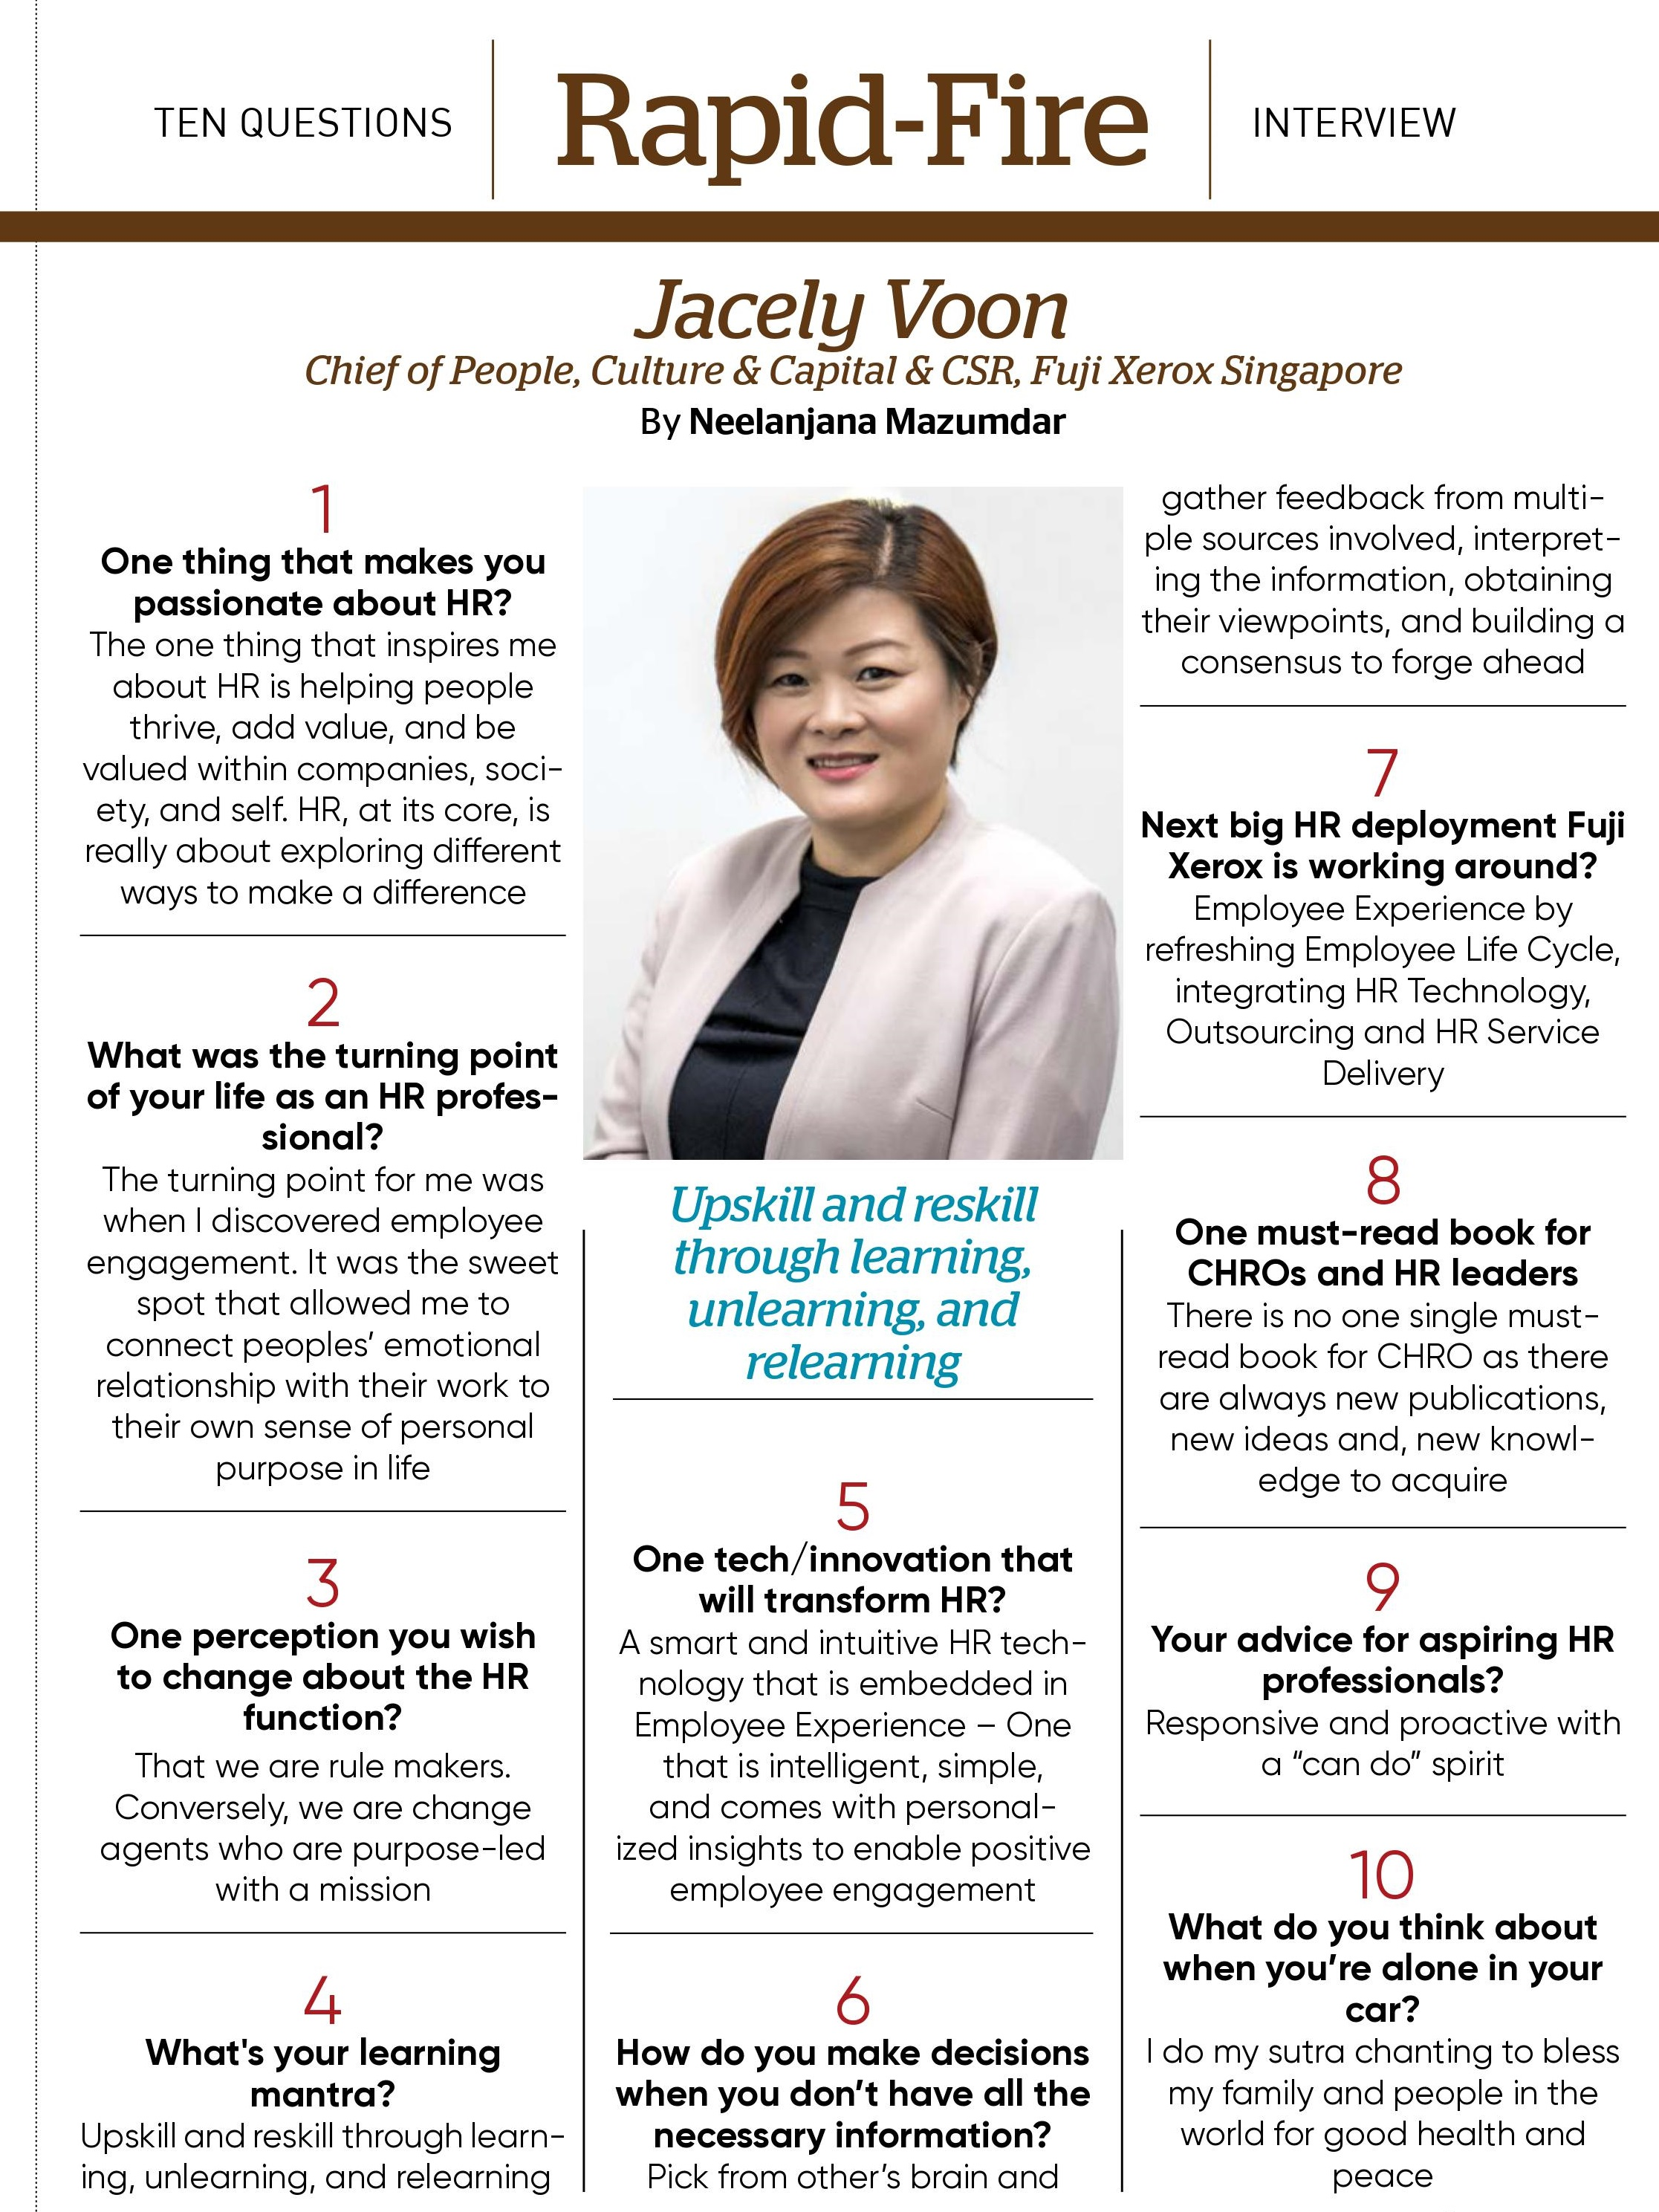 Fuji_Xerox_Rapid_fire_interview_Jacely_Voon